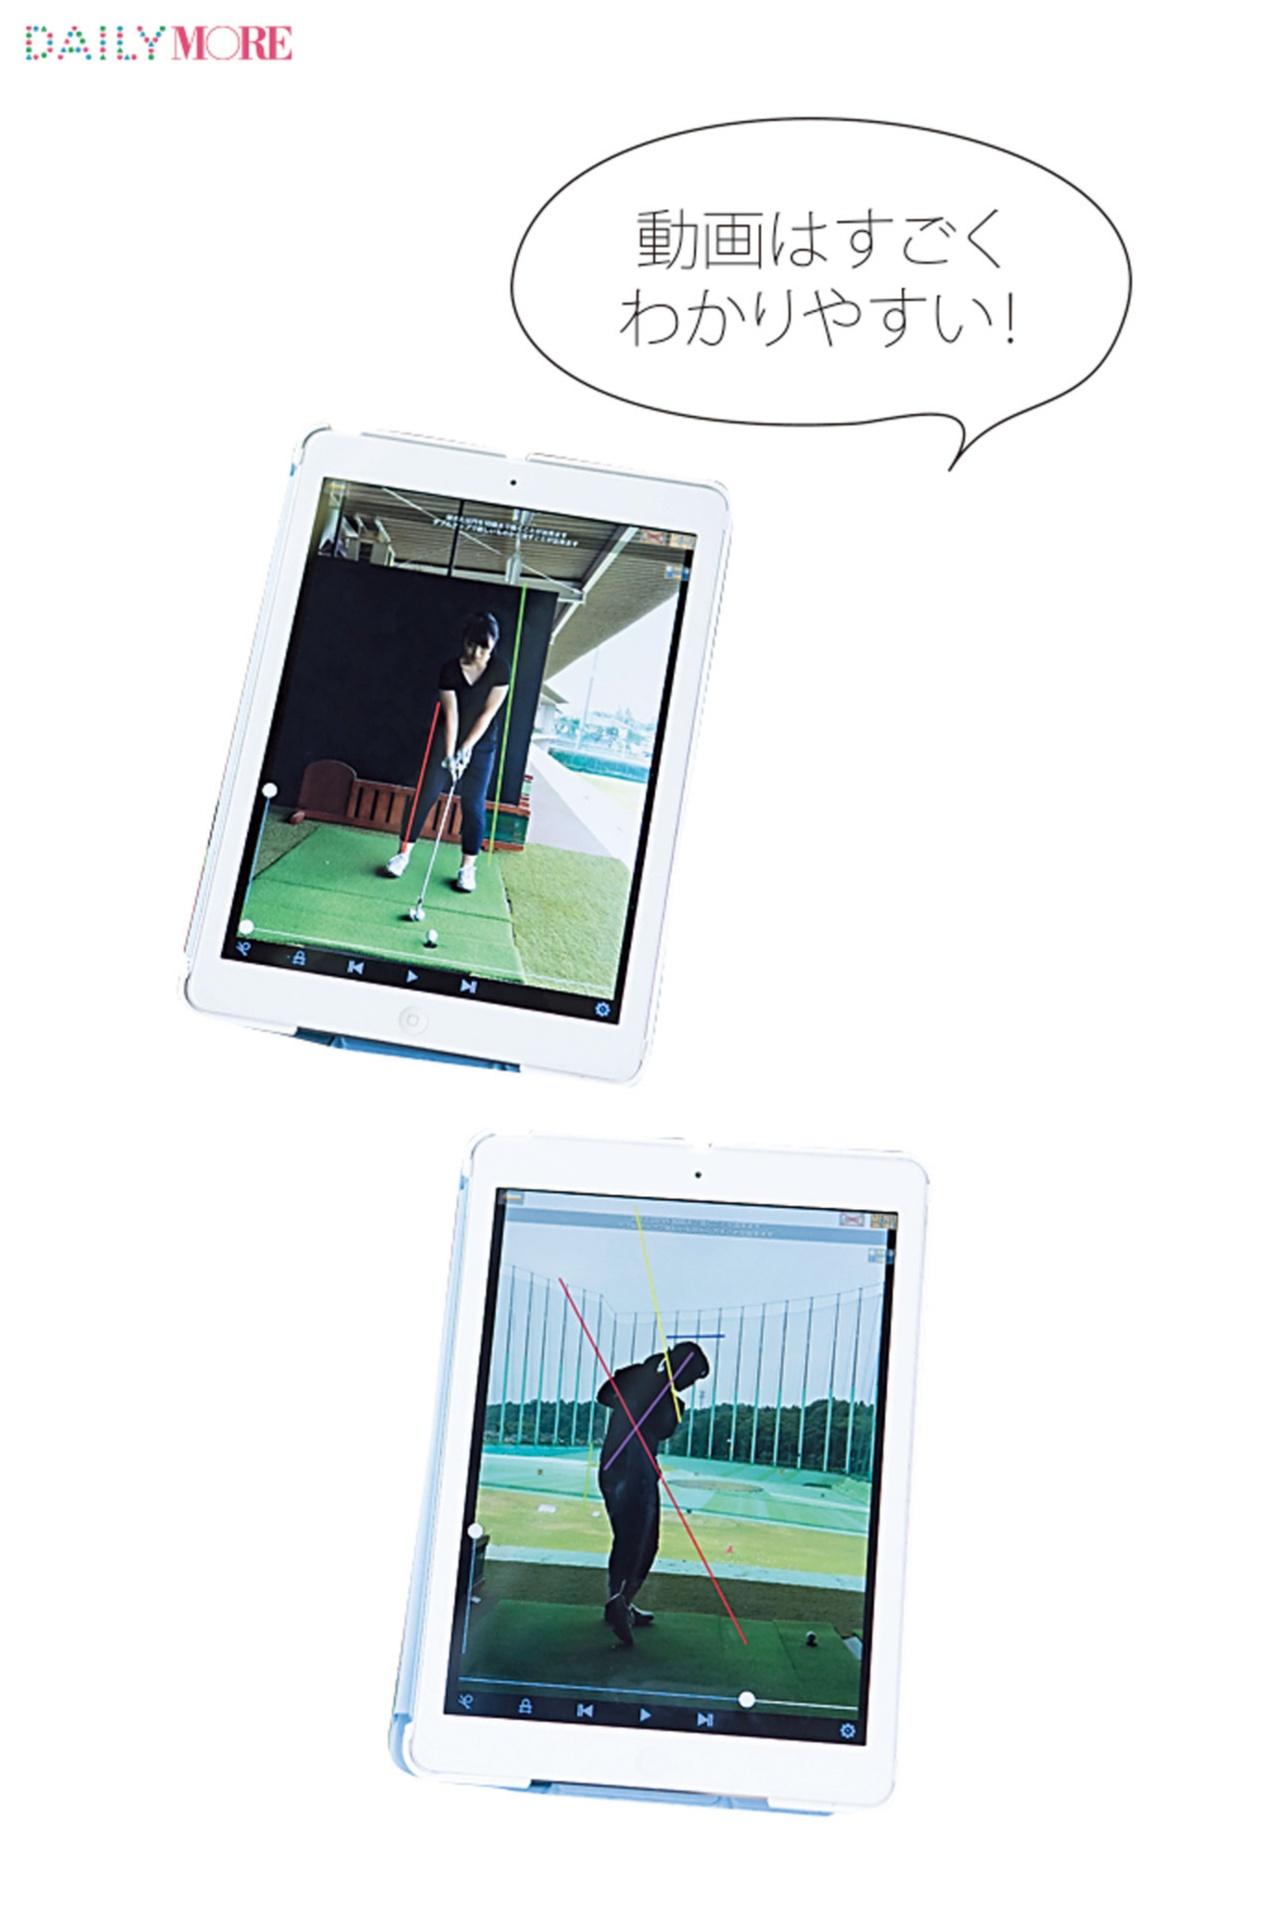 【動画もチェック!】 プロコーチのレッスンで、スイングをレベルアップ!【#モアチャレ ゴルフ100台チャレンジ】_2_4